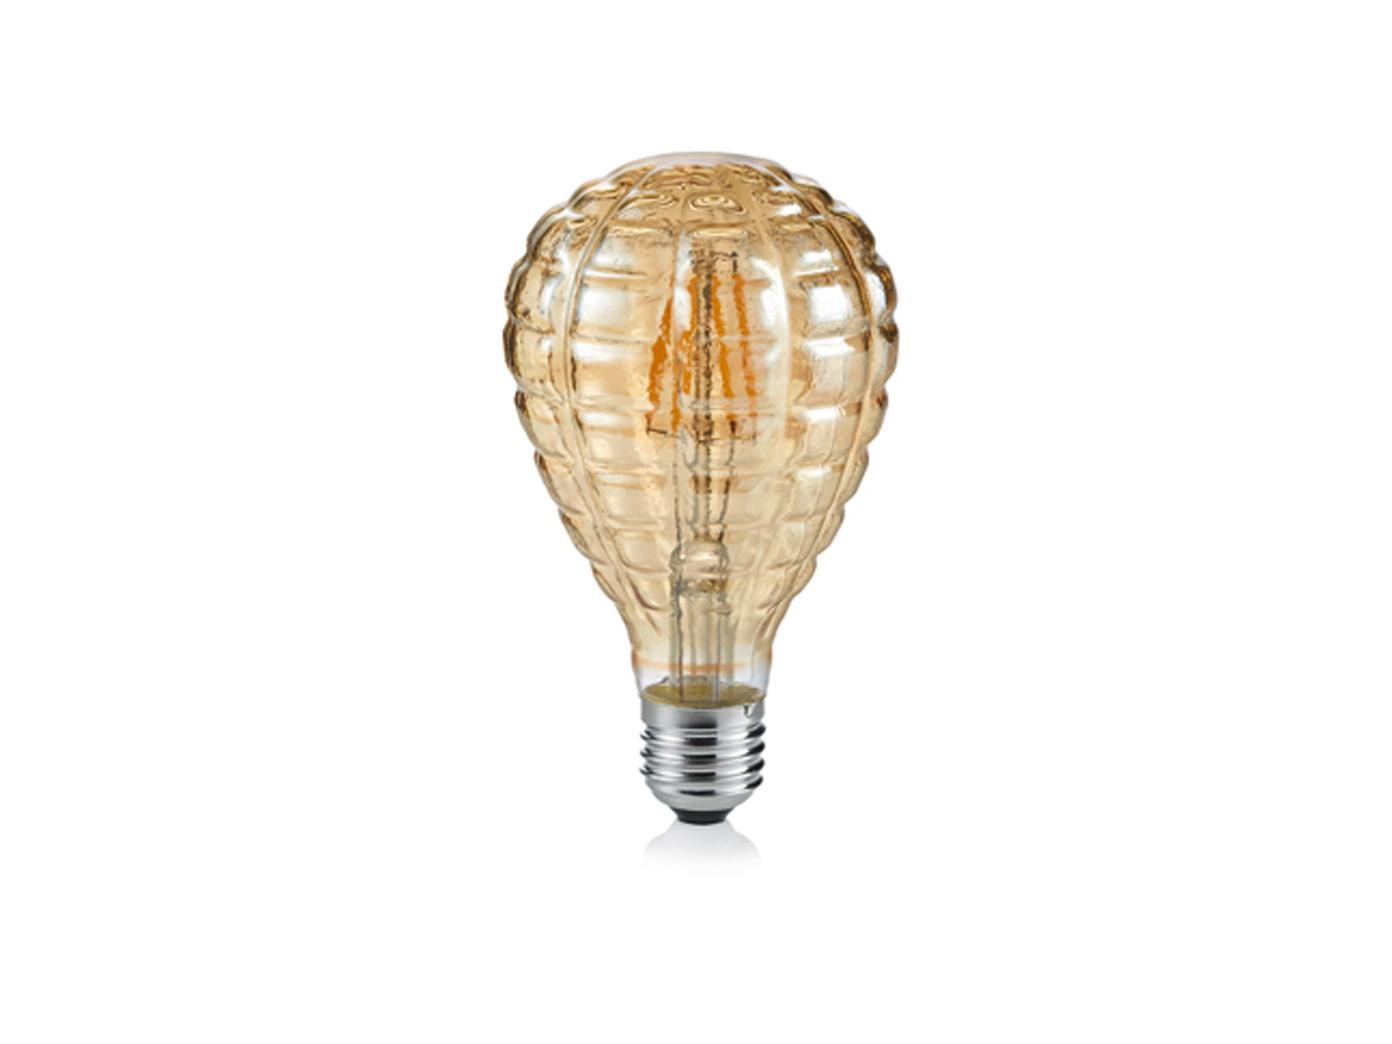 320lm in Warmweiß LED Leuchtmittel mit E27 Fassung stabförmig Glas amber 4W